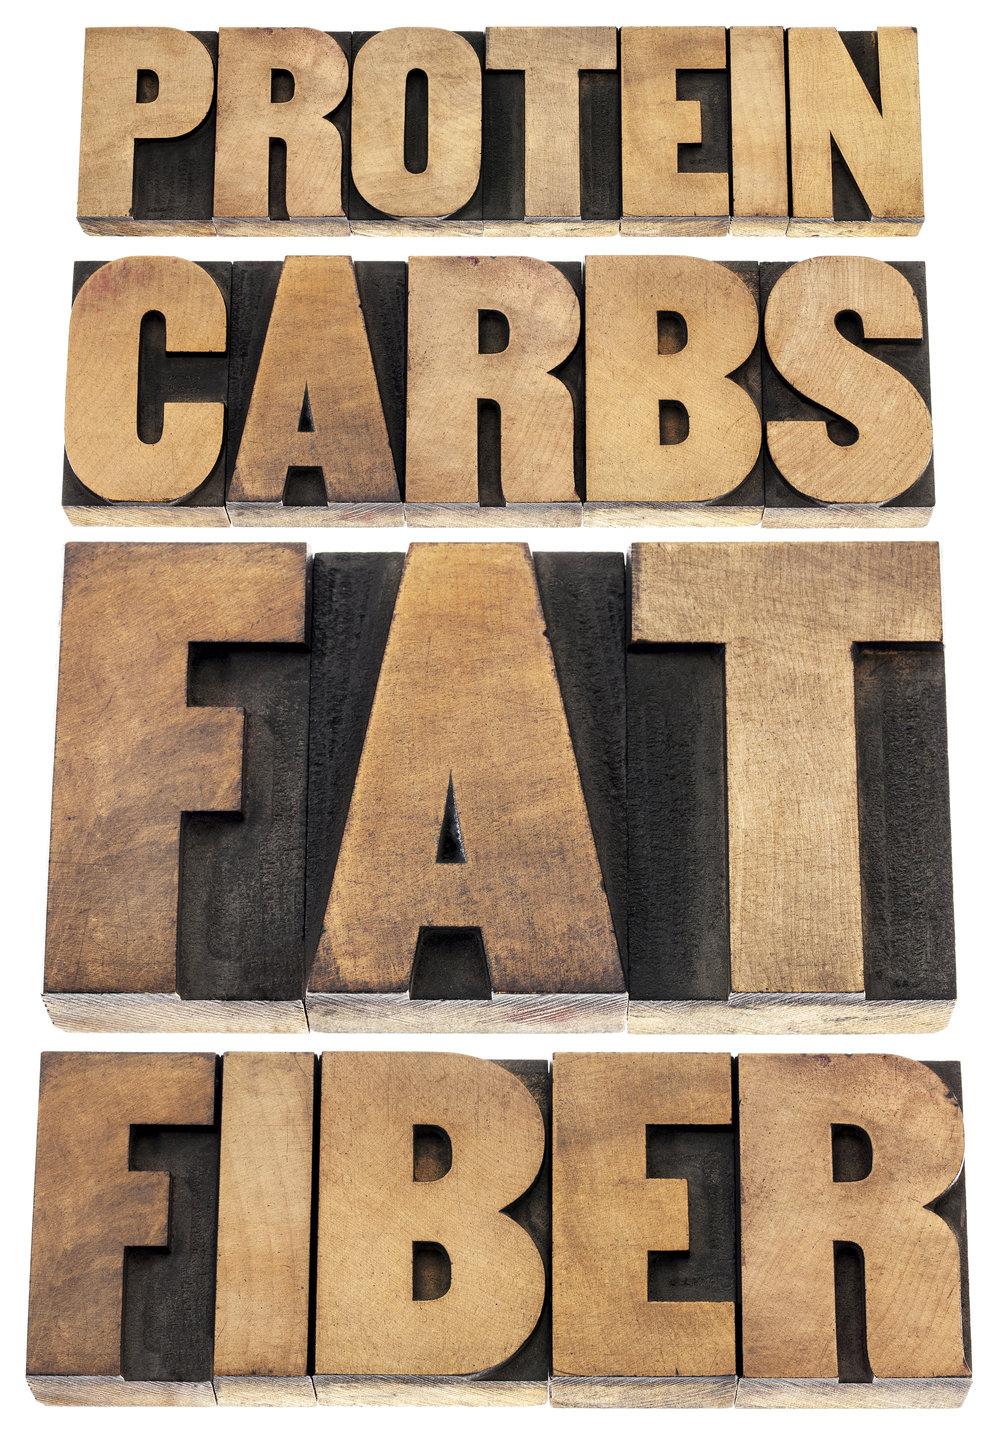 BB Protein, Carbs, Fat, Fiber.jpg